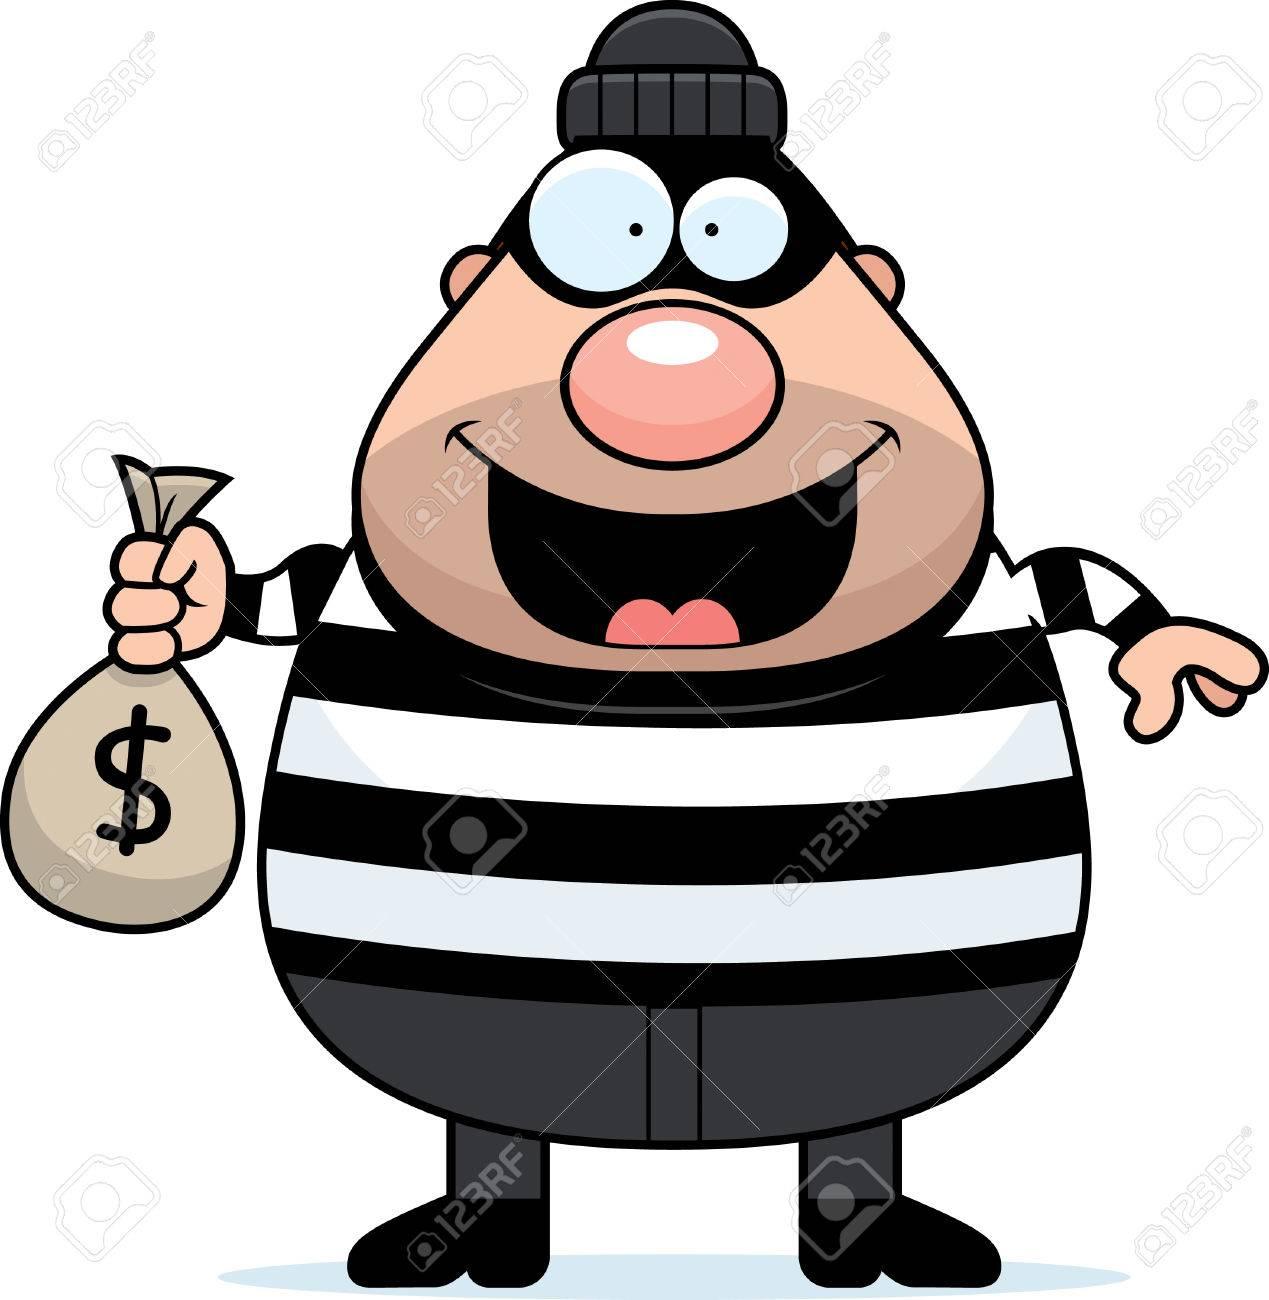 Foto de archivo - Una ilustración de dibujos animados de un ladrón con una  bolsa de dinero.